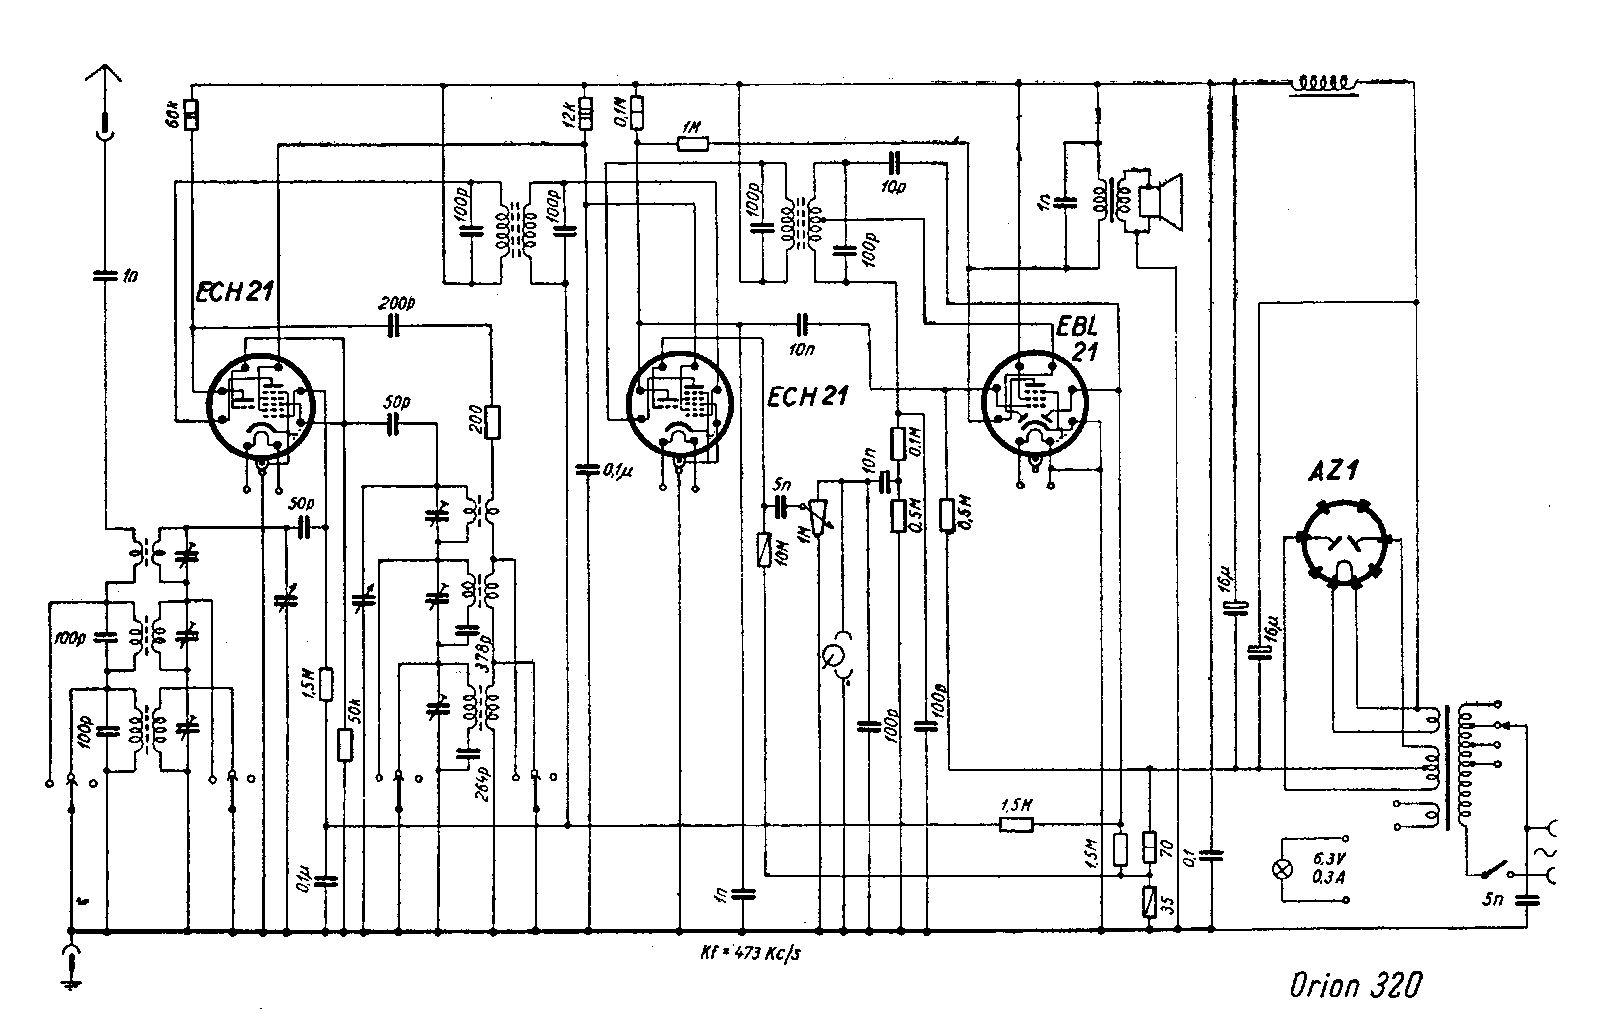 Sound Wiring Schematic Free Service Manuals Vintage Valve Radio Circuits Schematics